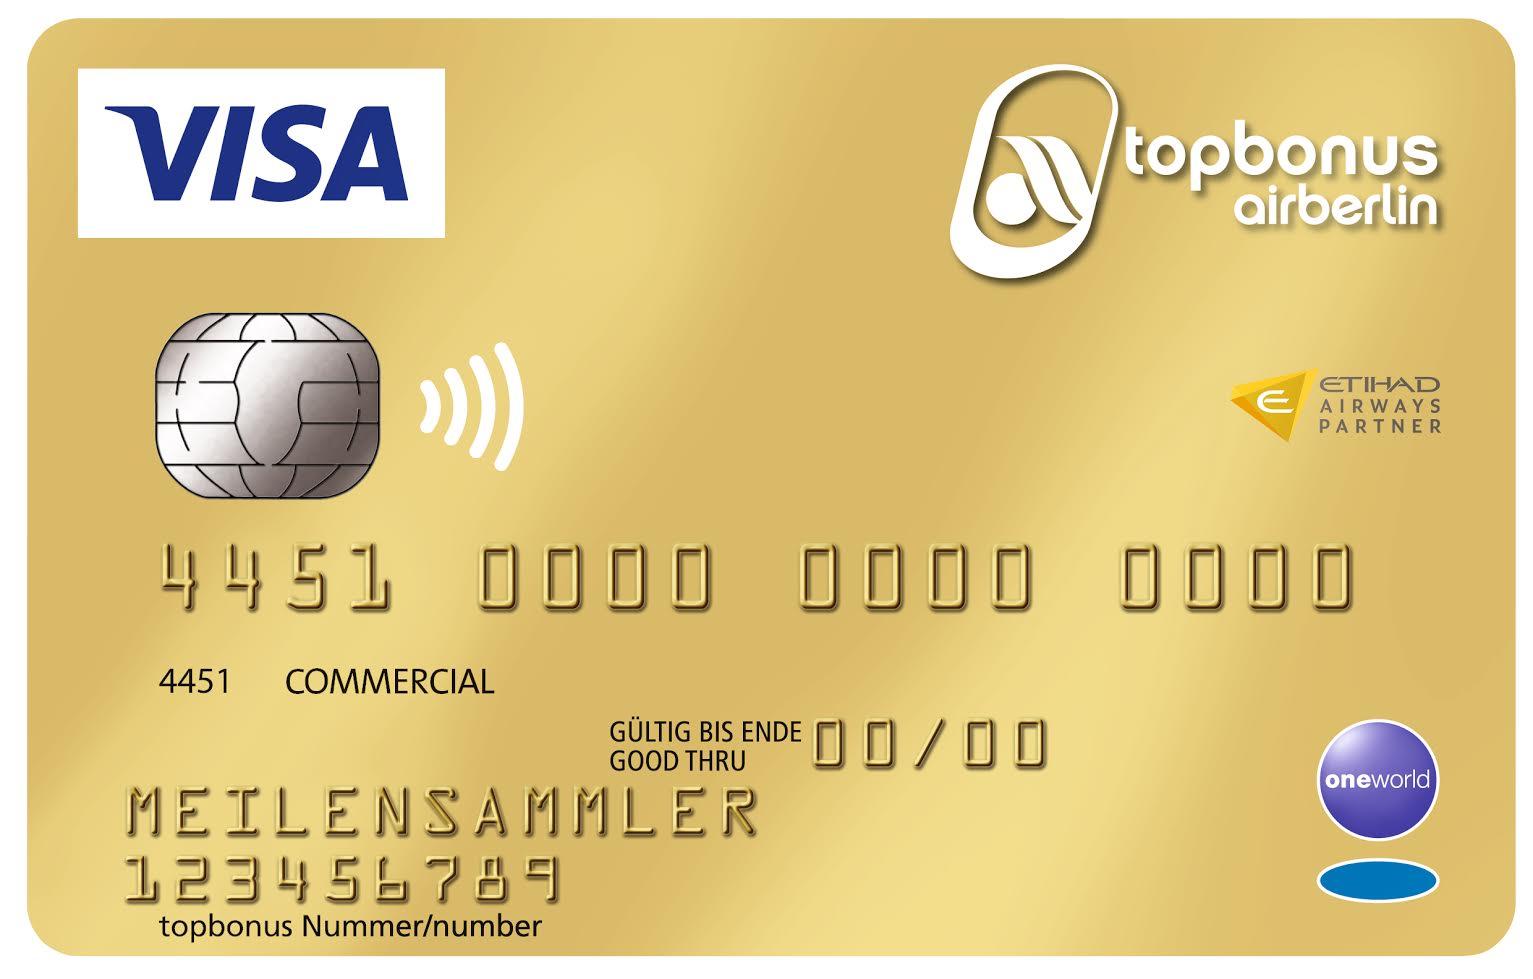 Airberlin Kreditkarte erstmalig mit 12.000 Meilen für den Werber + im ersten Jahr Beitragsbefreiung für den Geworbenen (Karte zum Status und Meilen sammeln)